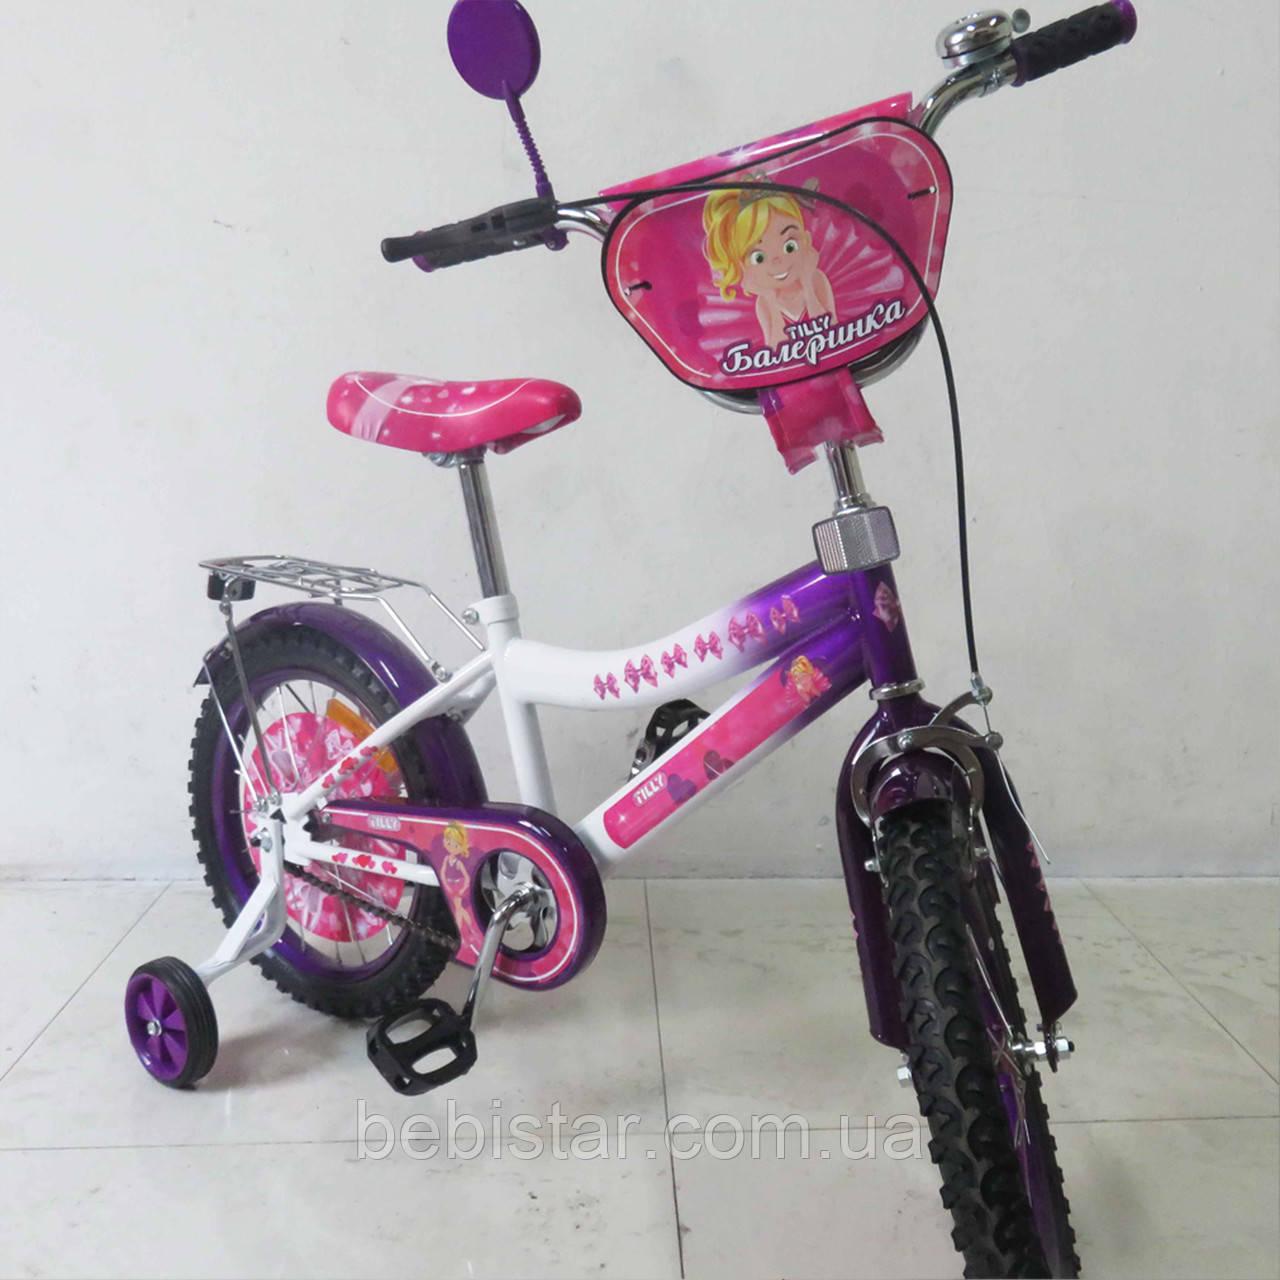 """Детский двухколесный велосипед TILLY 16"""" 16Т-21629 для деток 4-6 лет, фиолетово-белый"""